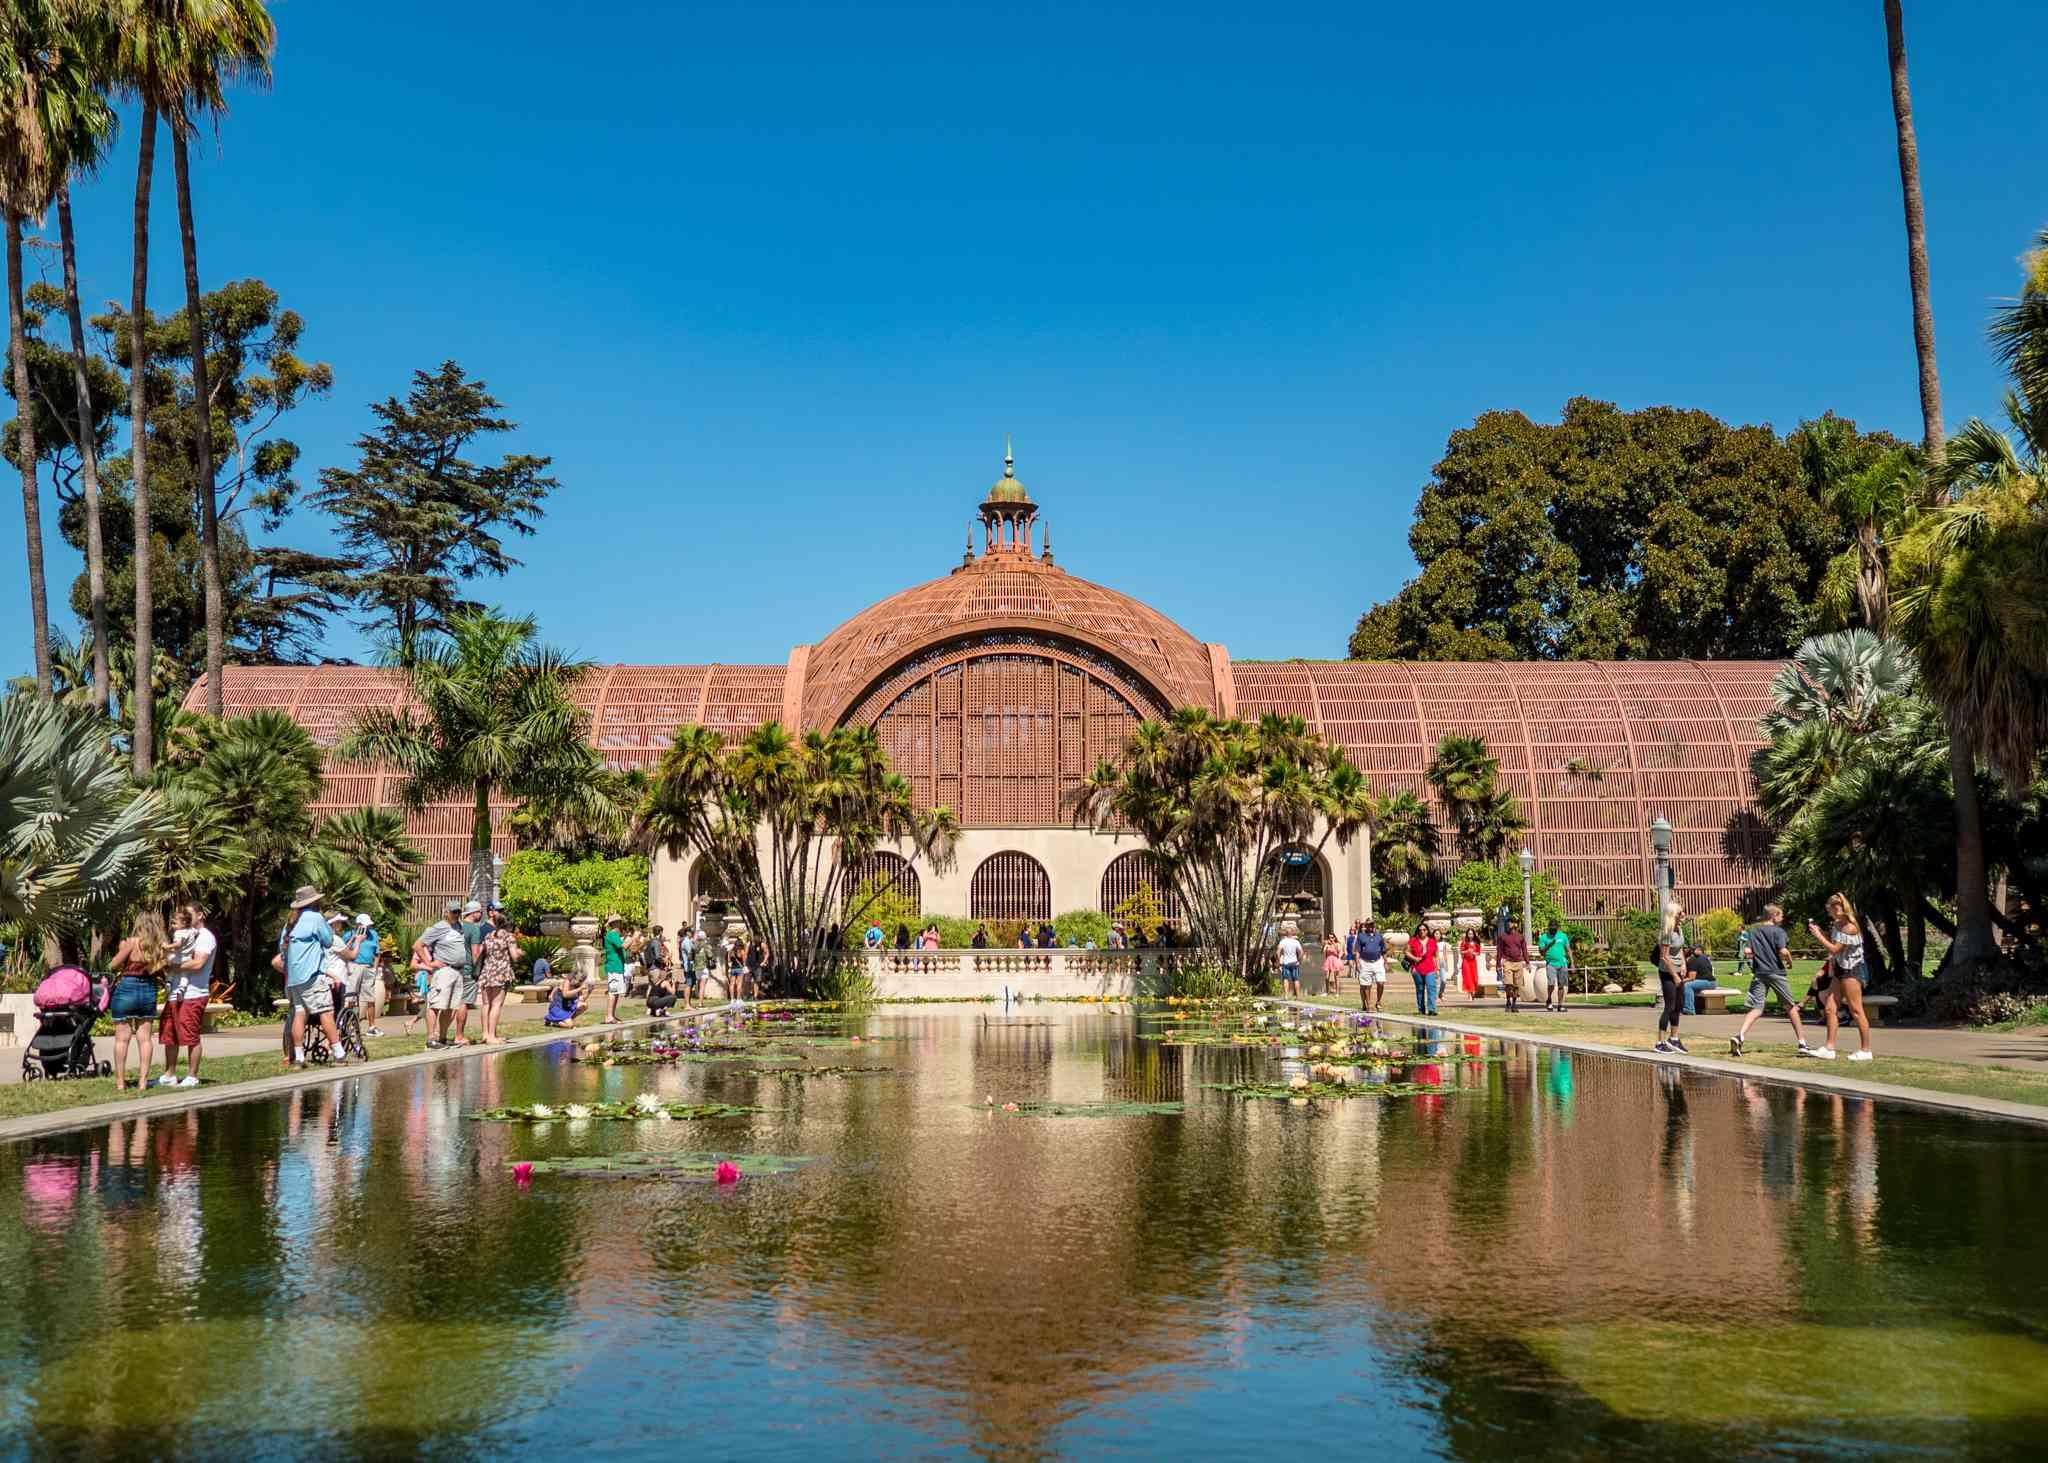 Balboa Park garden